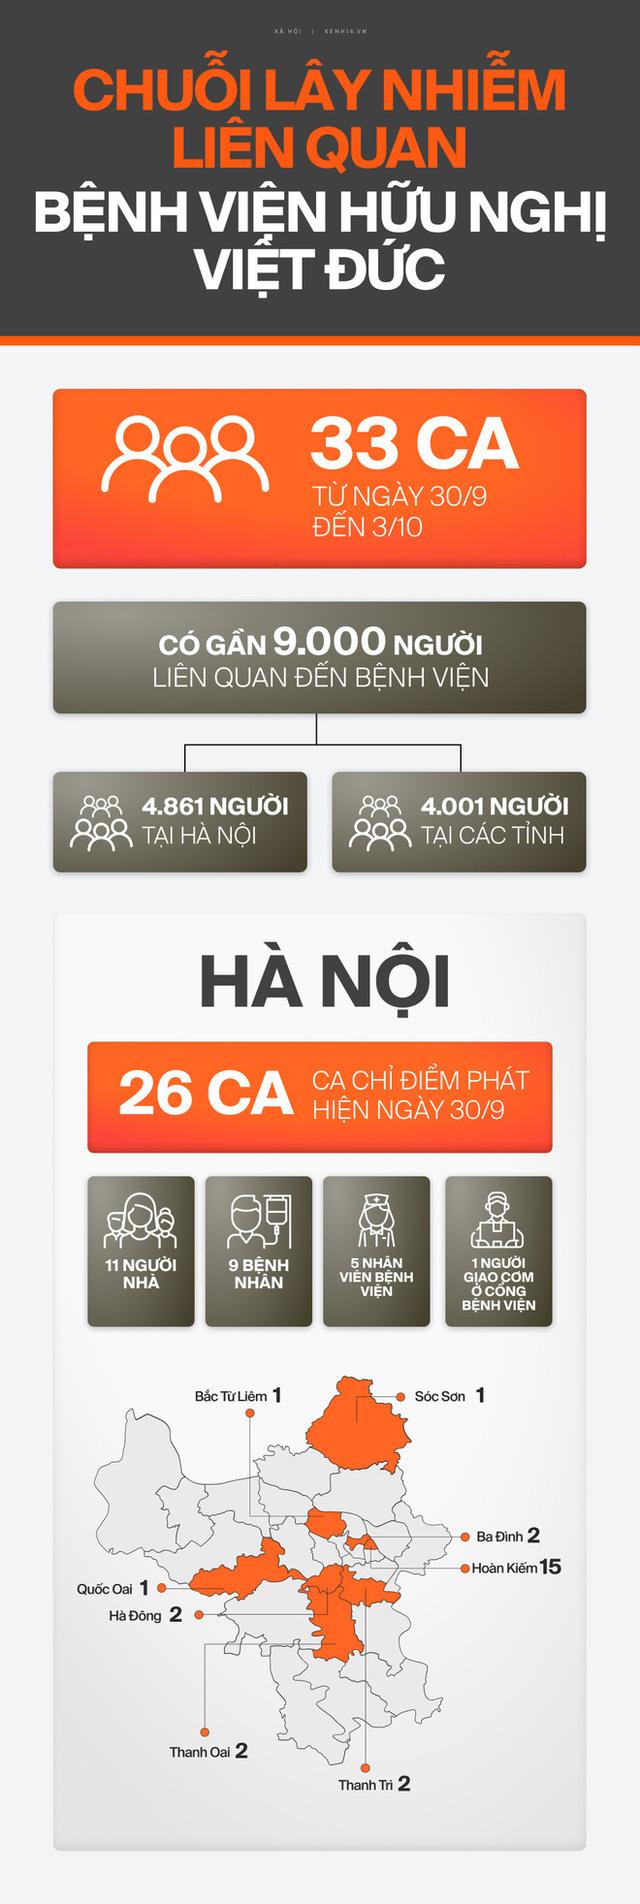 INFOGRAPHIC toàn cảnh chuỗi lây nhiễm BV Việt Đức: 4 ngày, 33 ca Covid-19 tại Hà Nội và 4 tỉnh thành khác - Ảnh 1.